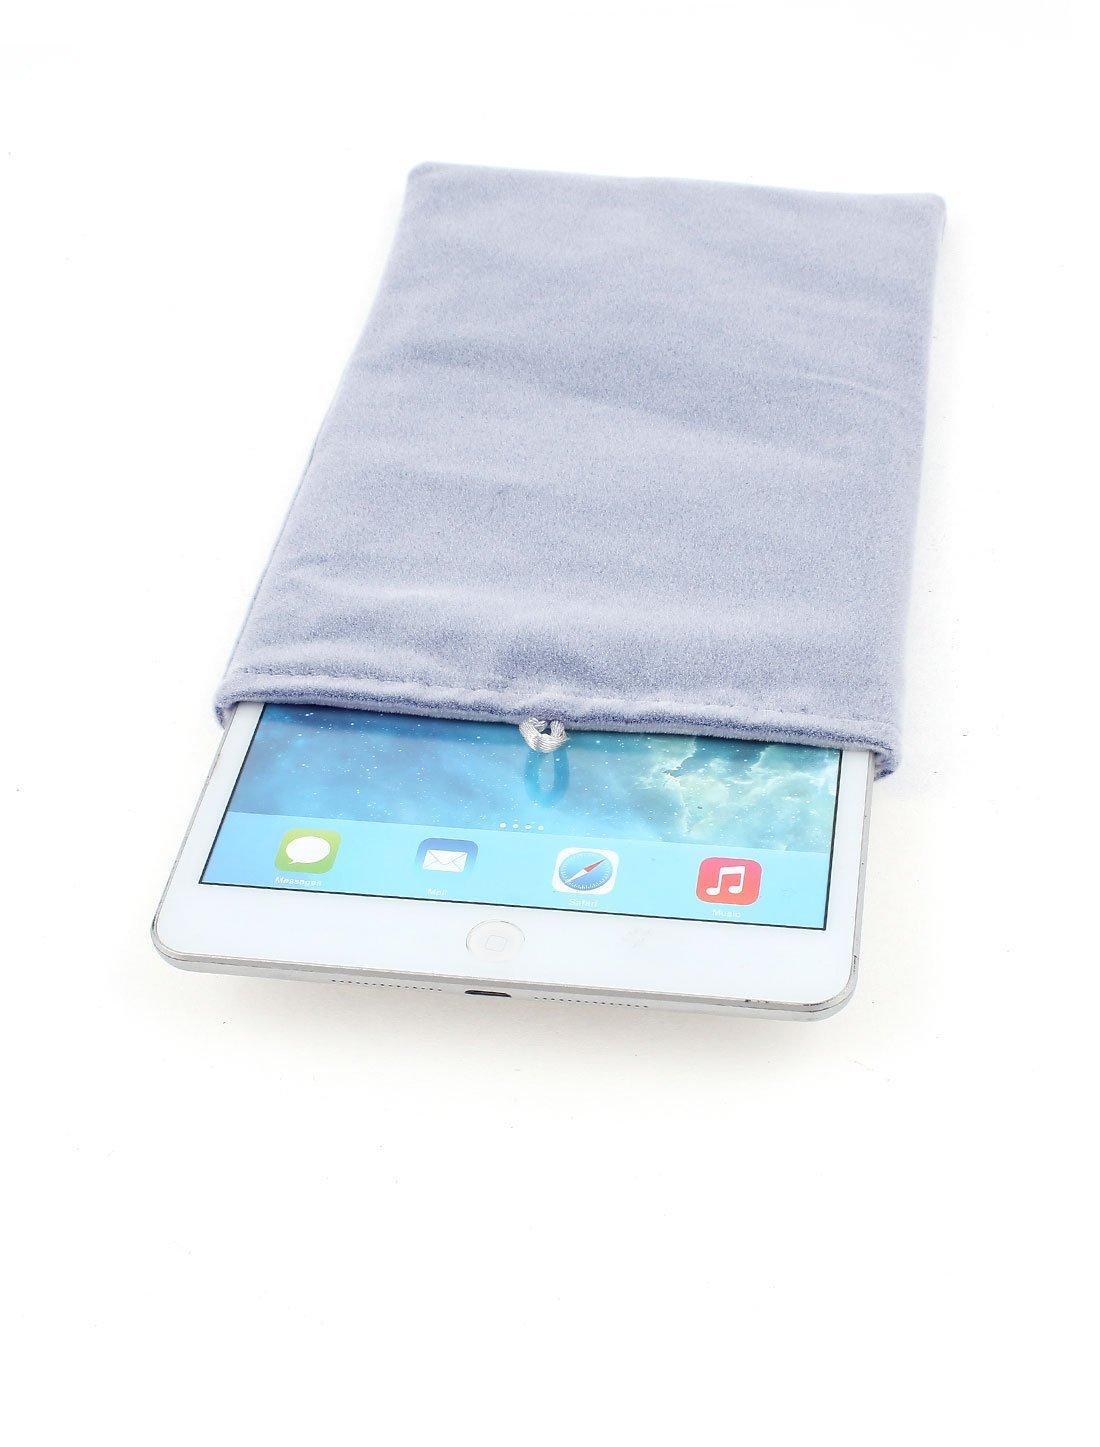 Amazon.com: eDealMax Terciopelo caja de la Bolsa de la Manga Para Tablet PC portátil DE 7 pulgadas Gris Plata: Electronics